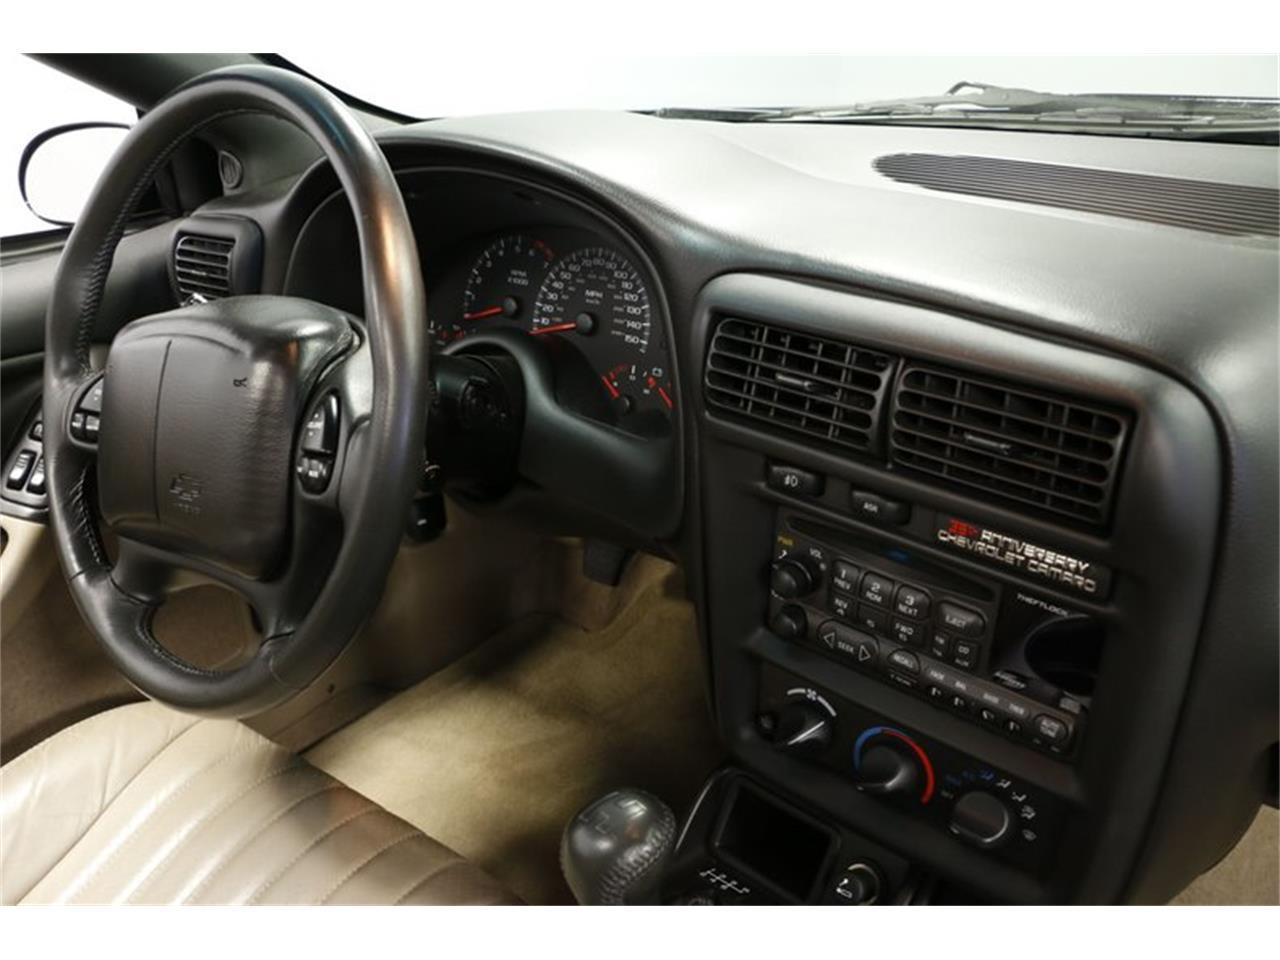 2002 Chevrolet Camaro (CC-1345036) for sale in Concord, North Carolina